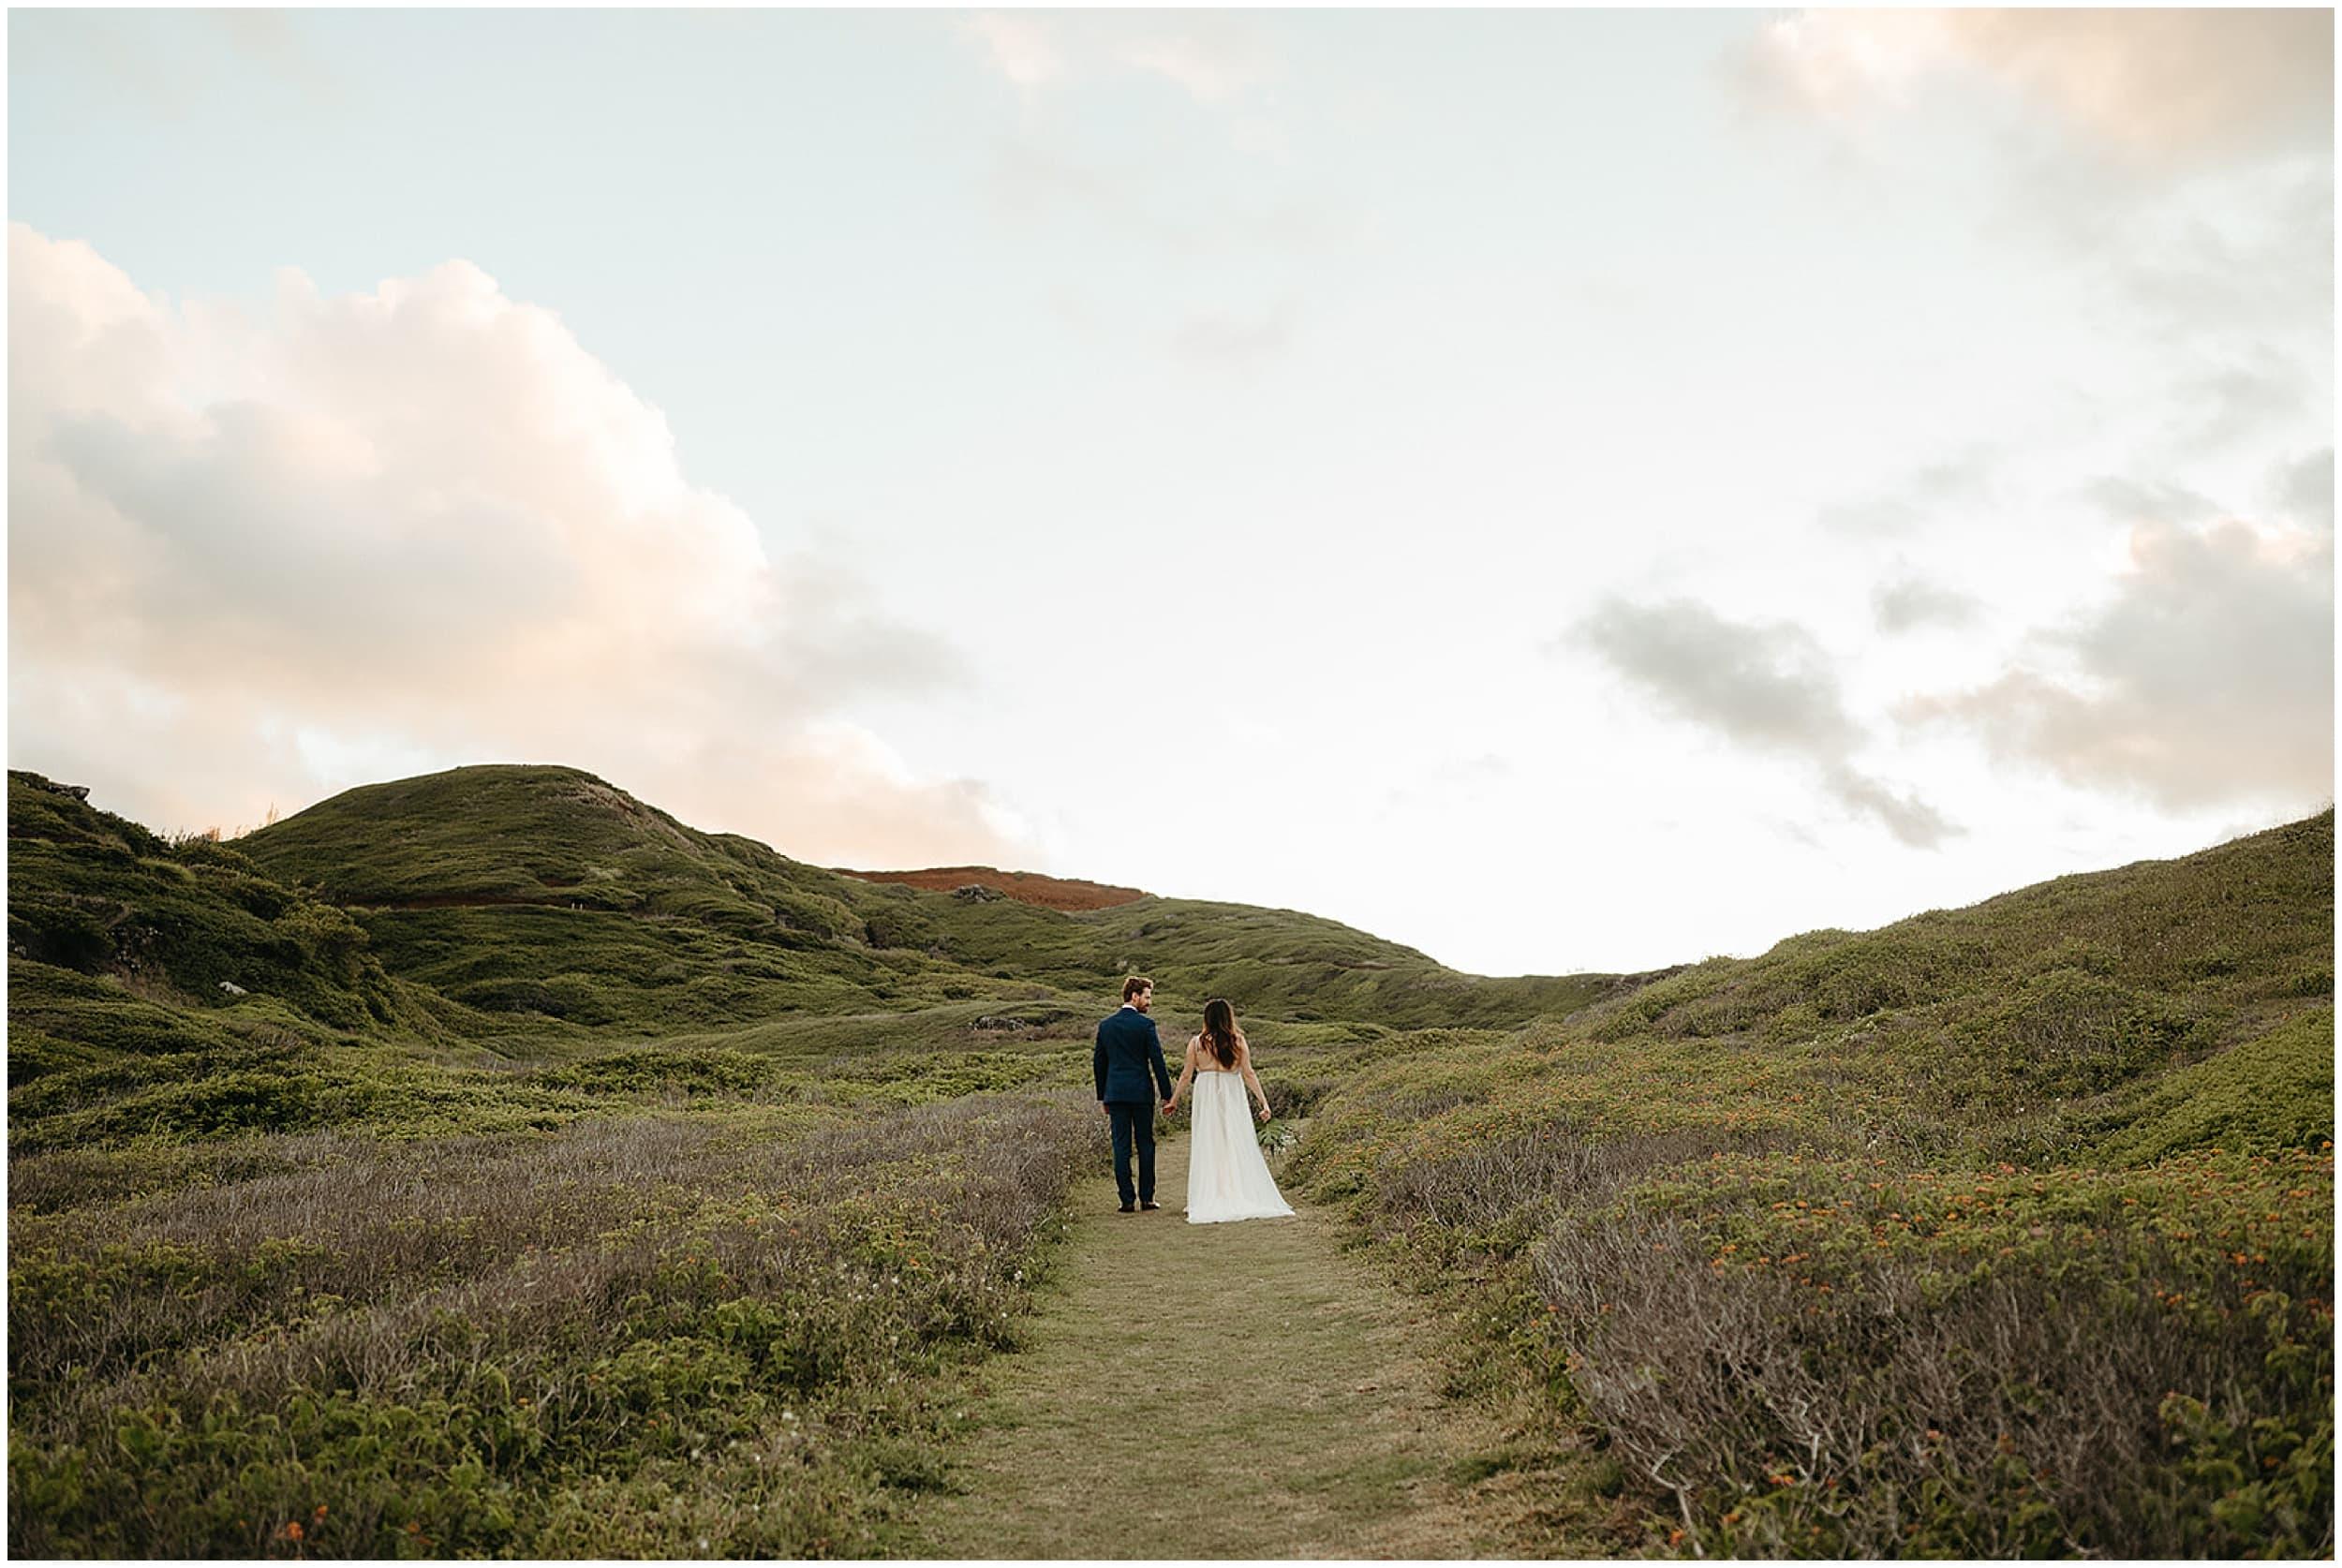 couple walking through mountains